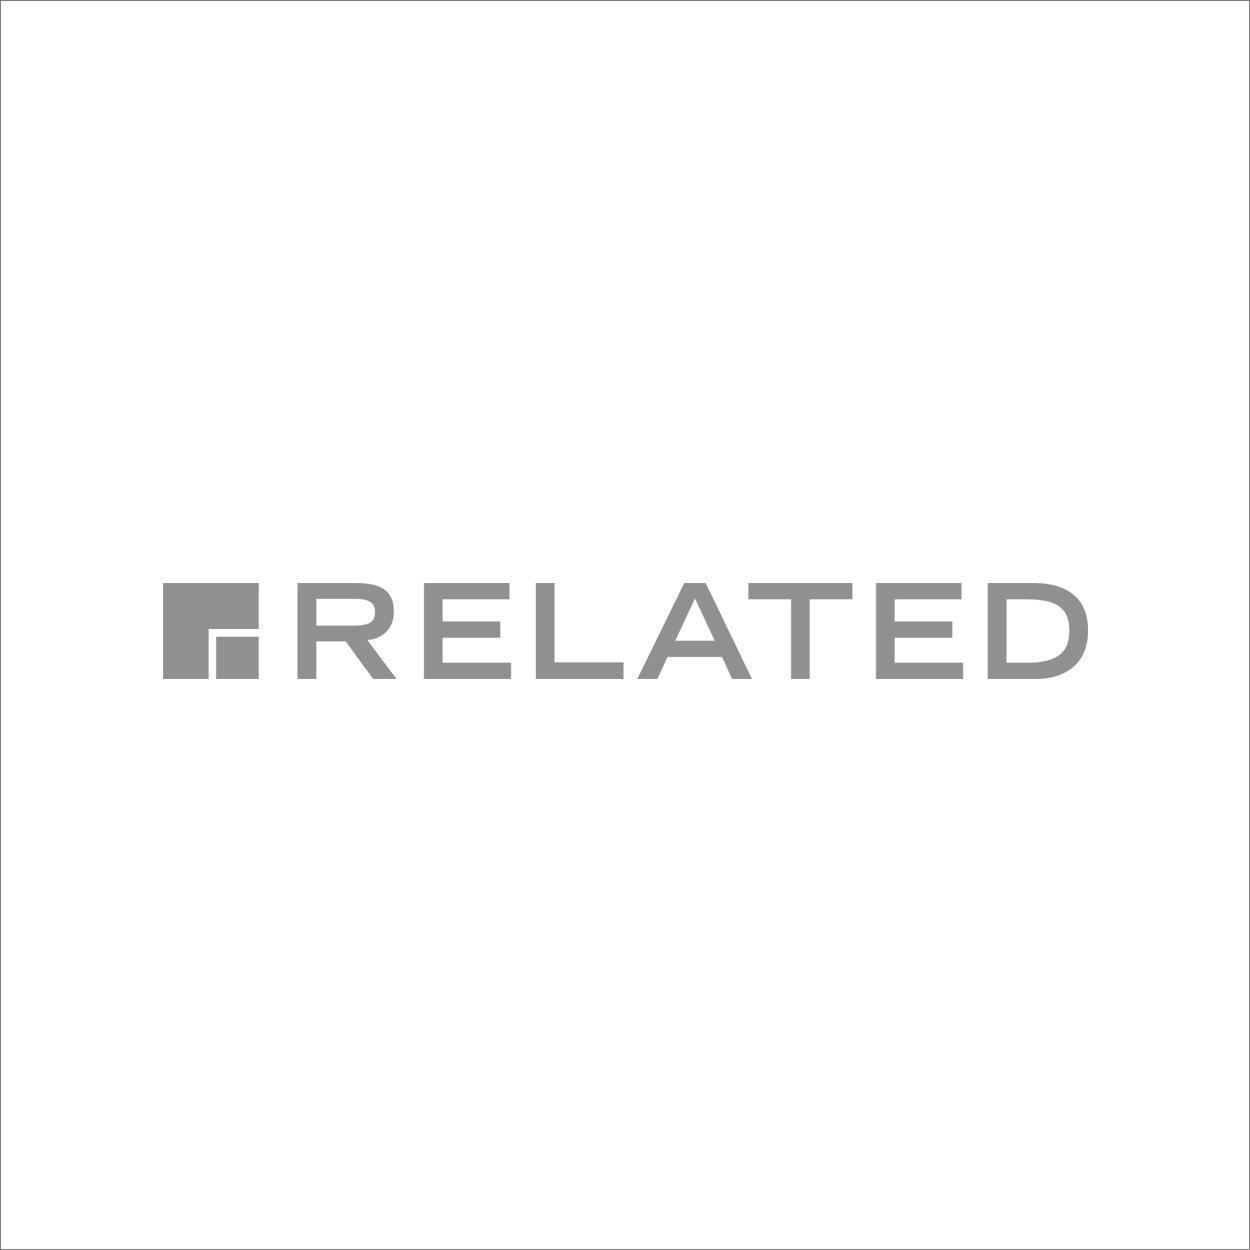 related_logo.jpg